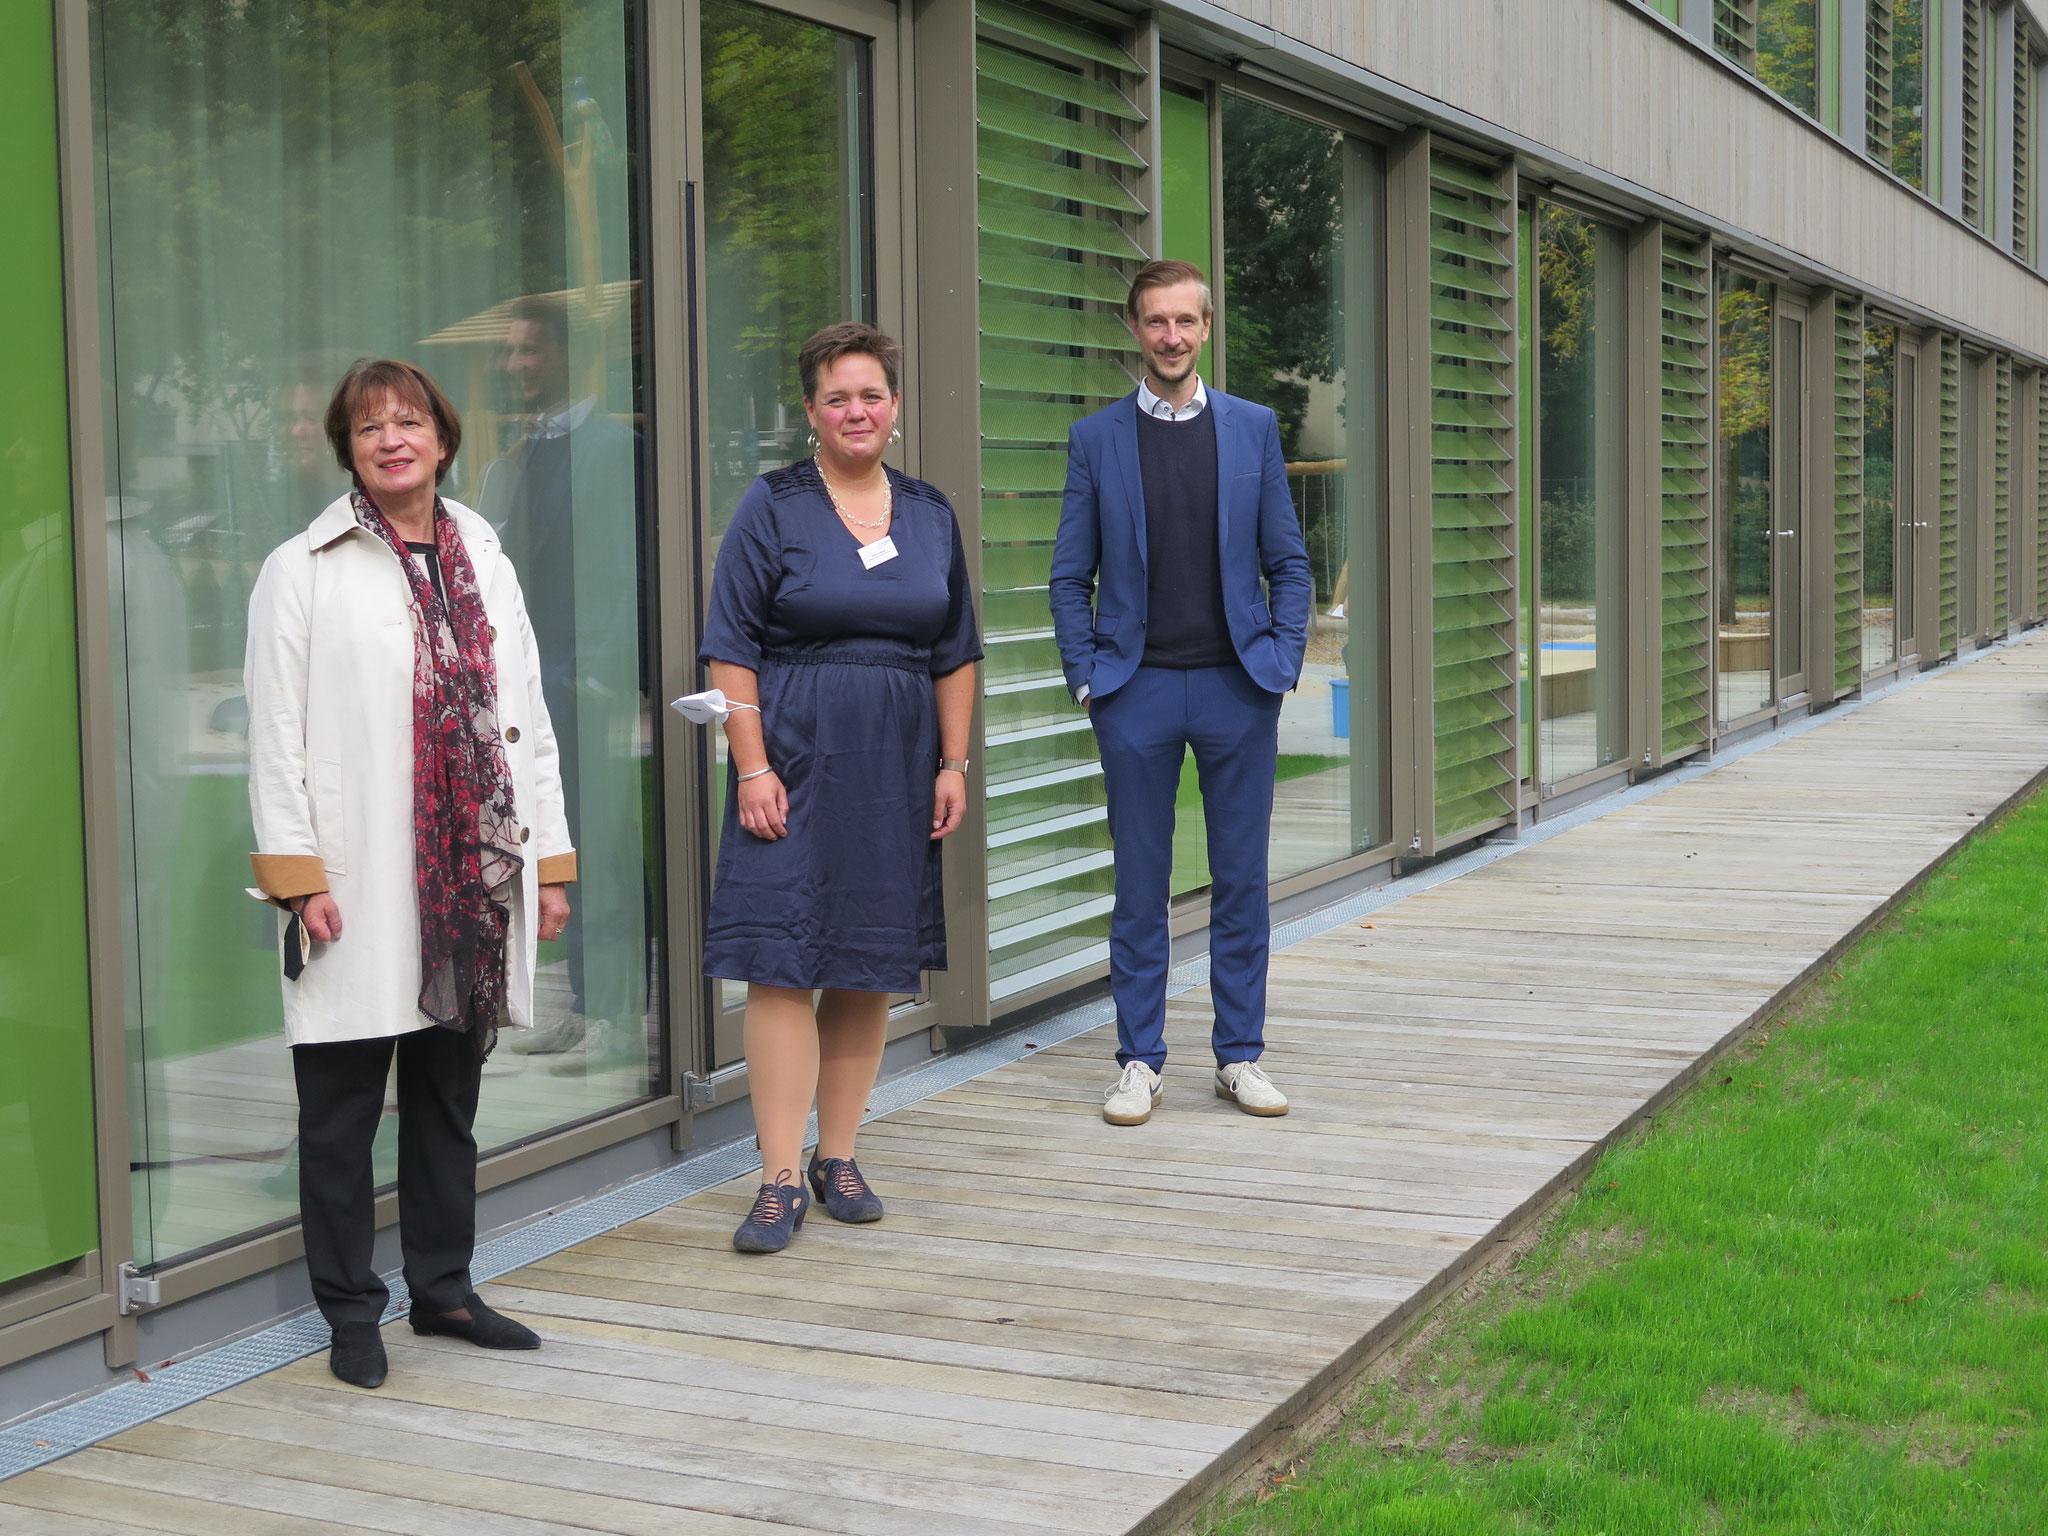 Jugendstaatssekretärin Sigrid Klebba, KiGäNO-Geschäftsführerin Katrin Dorgeist und Familienstadtrat Gordon Lemm am Tag der feierlichen Kita-Einweihung.